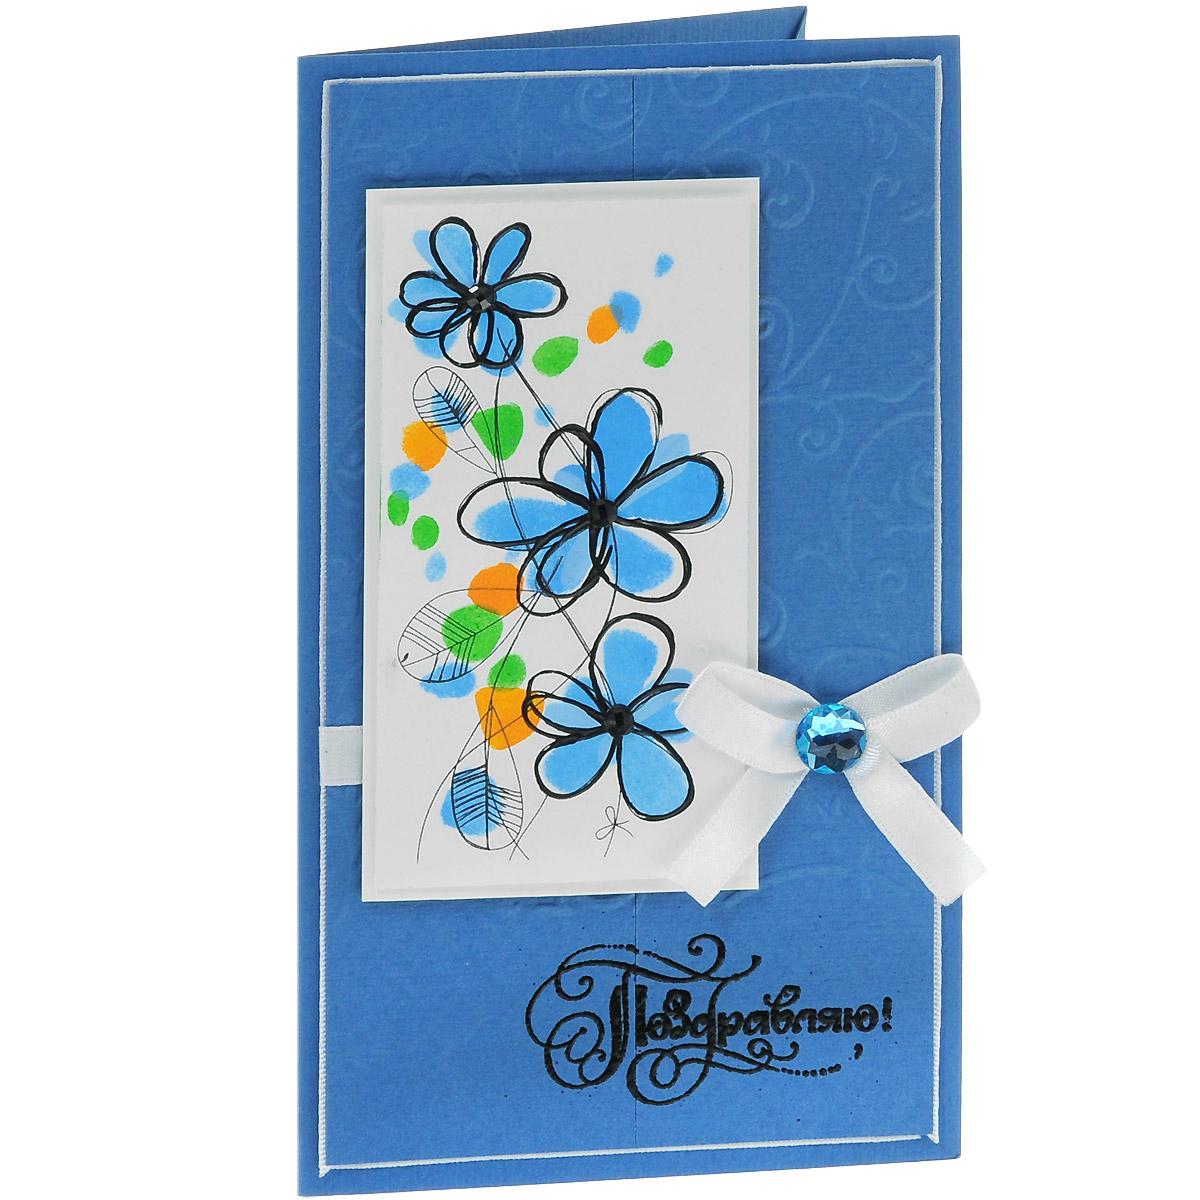 ОЖ-0022 Открытка-конверт «Поздравляю!». Студия «Тётя Роза»Винтажные открытки №97Характеристики: Размер 19 см x 11 см. Материал: Высоко-художественный картон, бумага, декор. Данная открытка может стать как прекрасным дополнением к вашему подарку, так и самостоятельным подарком. Так как открытка является и конвертом, в который вы можете вложить ваш денежный подарок или просто написать ваши пожелания на вкладыше. Оригинальное решение открытки в графическом изображении подложки. Цветочки прорисованы вручную акриловыми красками и контурными пастами. В декоре используется атласная лента и жемчужная полубусина. В серединки цветов вклеены черные сверкающие стразы. Надпись выполнена в технике горячего термоподъема. Также открытка упакована в пакетик для сохранности. Обращаем Ваше внимание на то, что открытка может незначительно отличаться от представленной на фото.